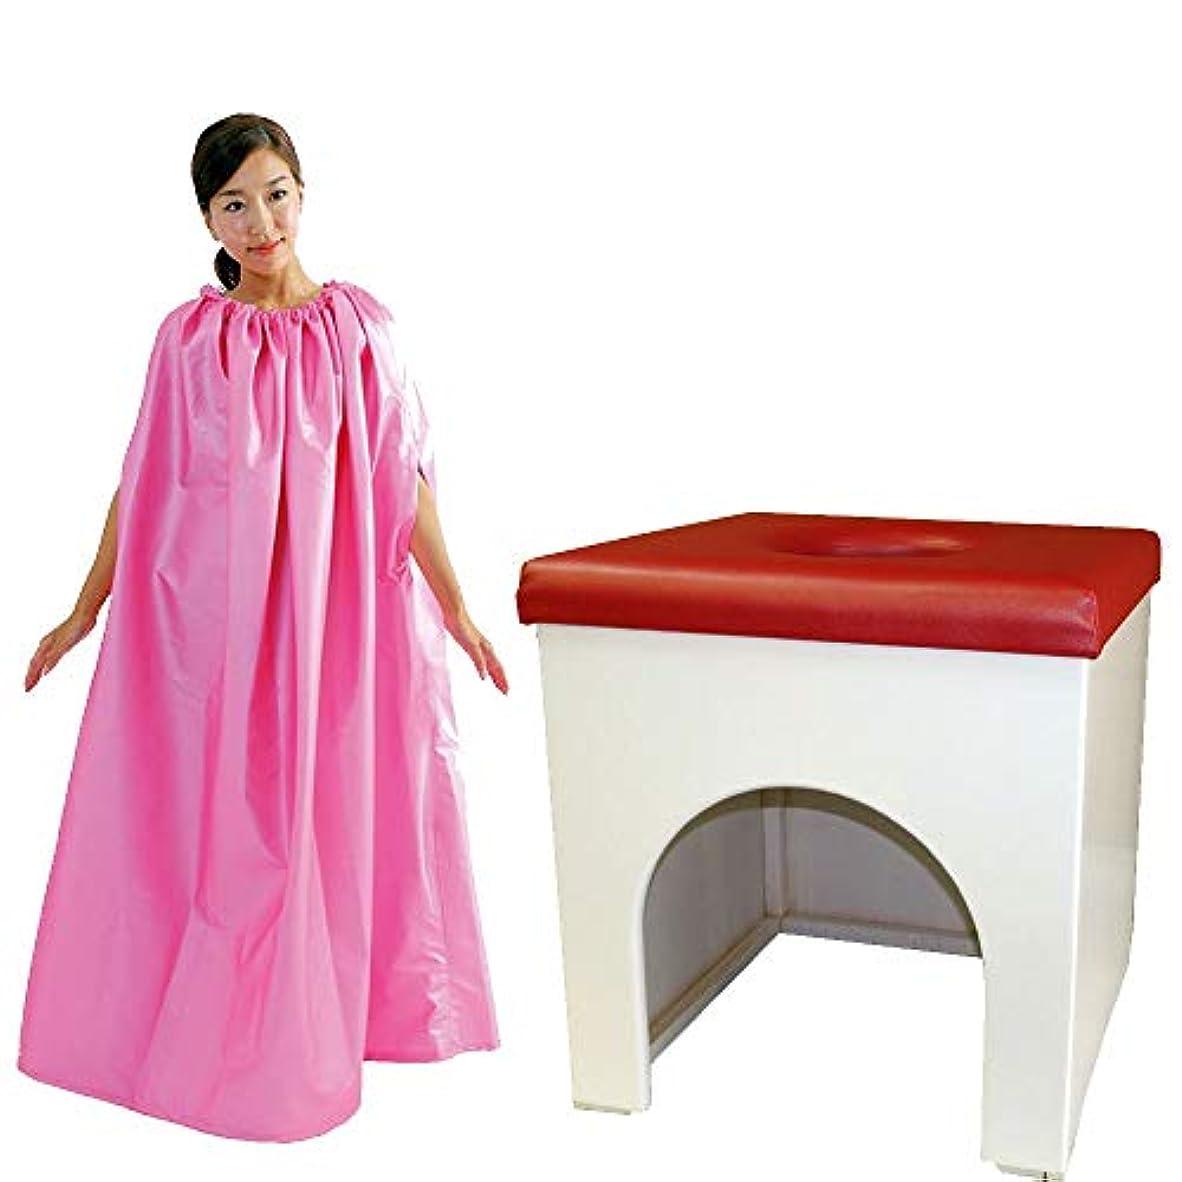 教室レジ地震【WR】まる温よもぎ蒸し【白椅子(ワインレッドシート)セット】専用マント?薬草60回分?電気鍋【期待通りの満足感をお届けします!】/爽やかなホワイトカラーで、人体に無害な塗装仕上げで通常の椅子より長持ちします! (ピンク)